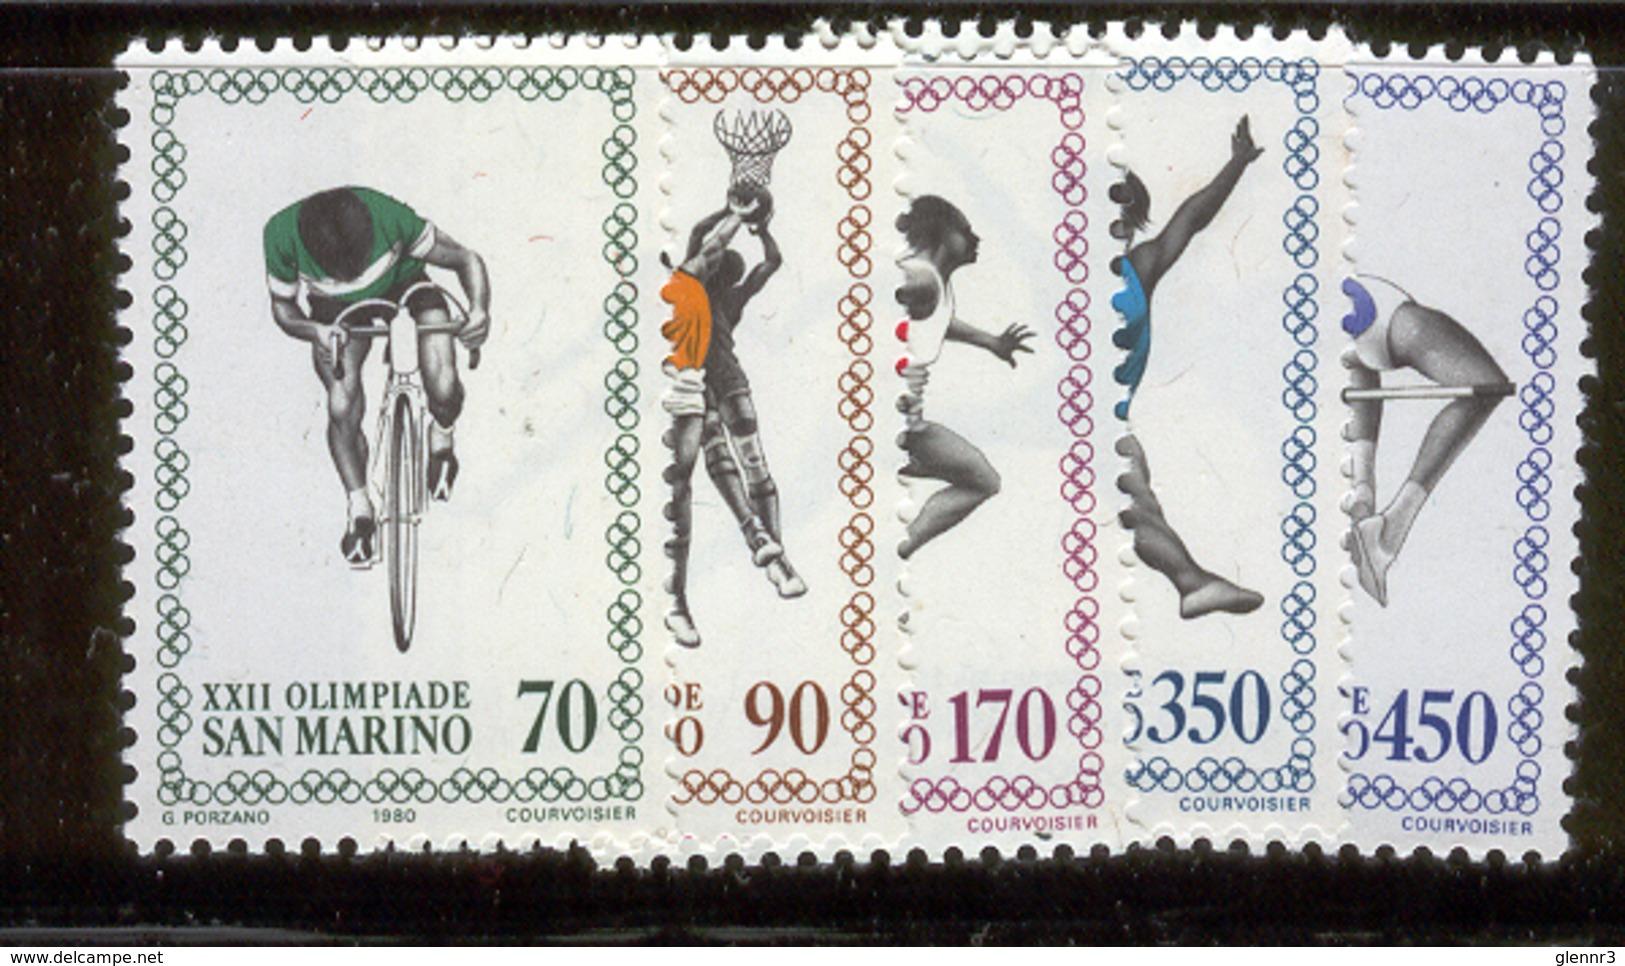 SAN MARINO 1980 Moscow Summer Olympics Scott Cat. No(s). 987-991 MNH - San Marino